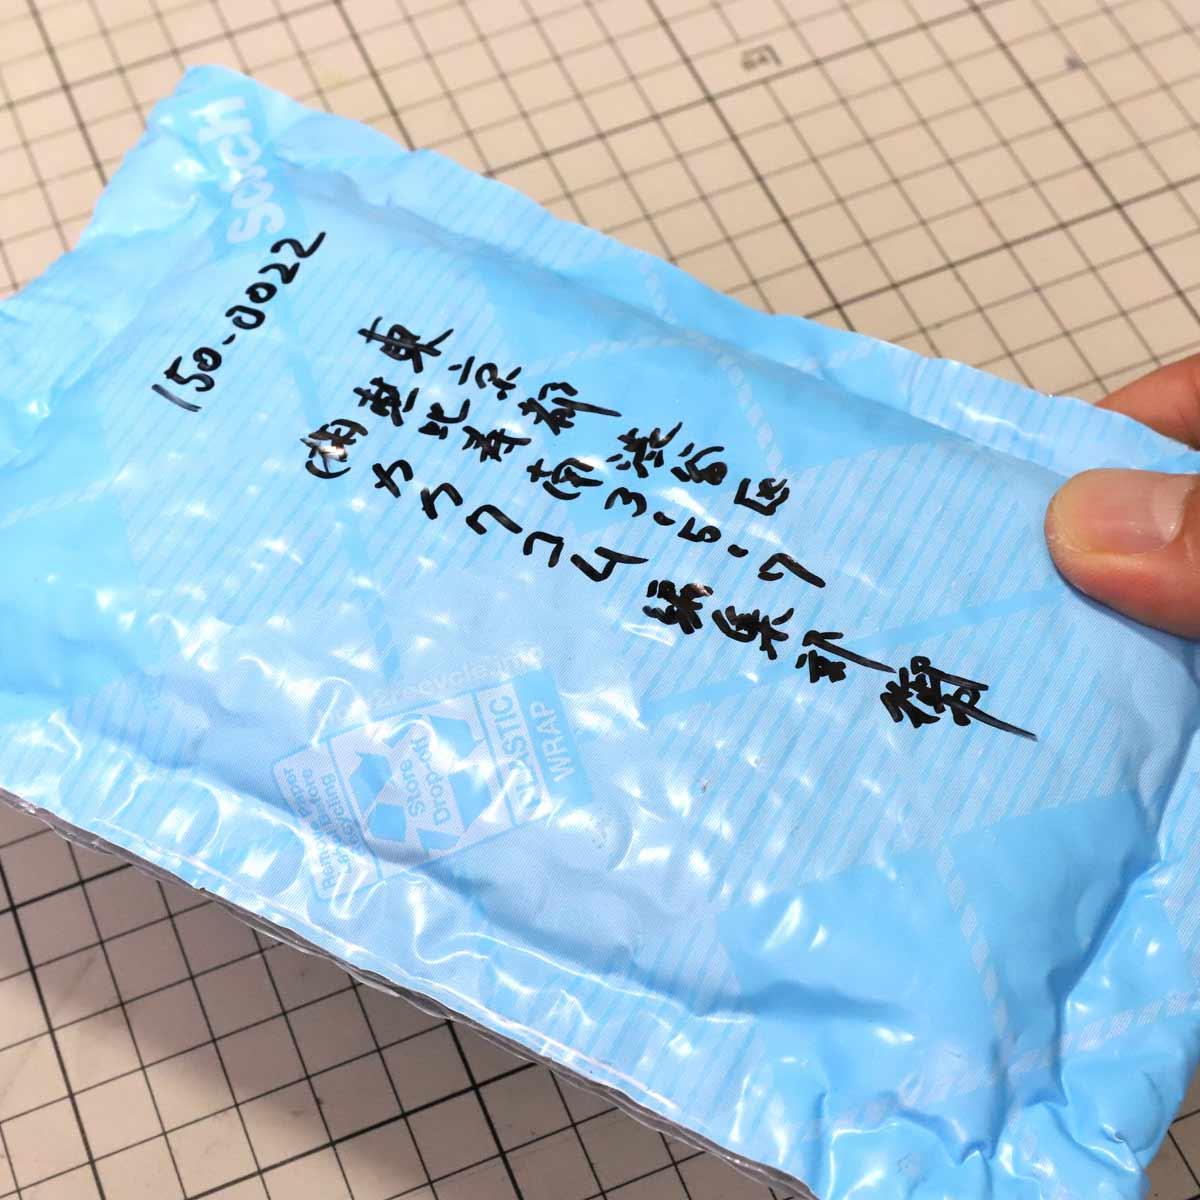 購入者からの評価もUP!? 「フリマ発送」がはかどりまくる梱包・発送グッズ3傑